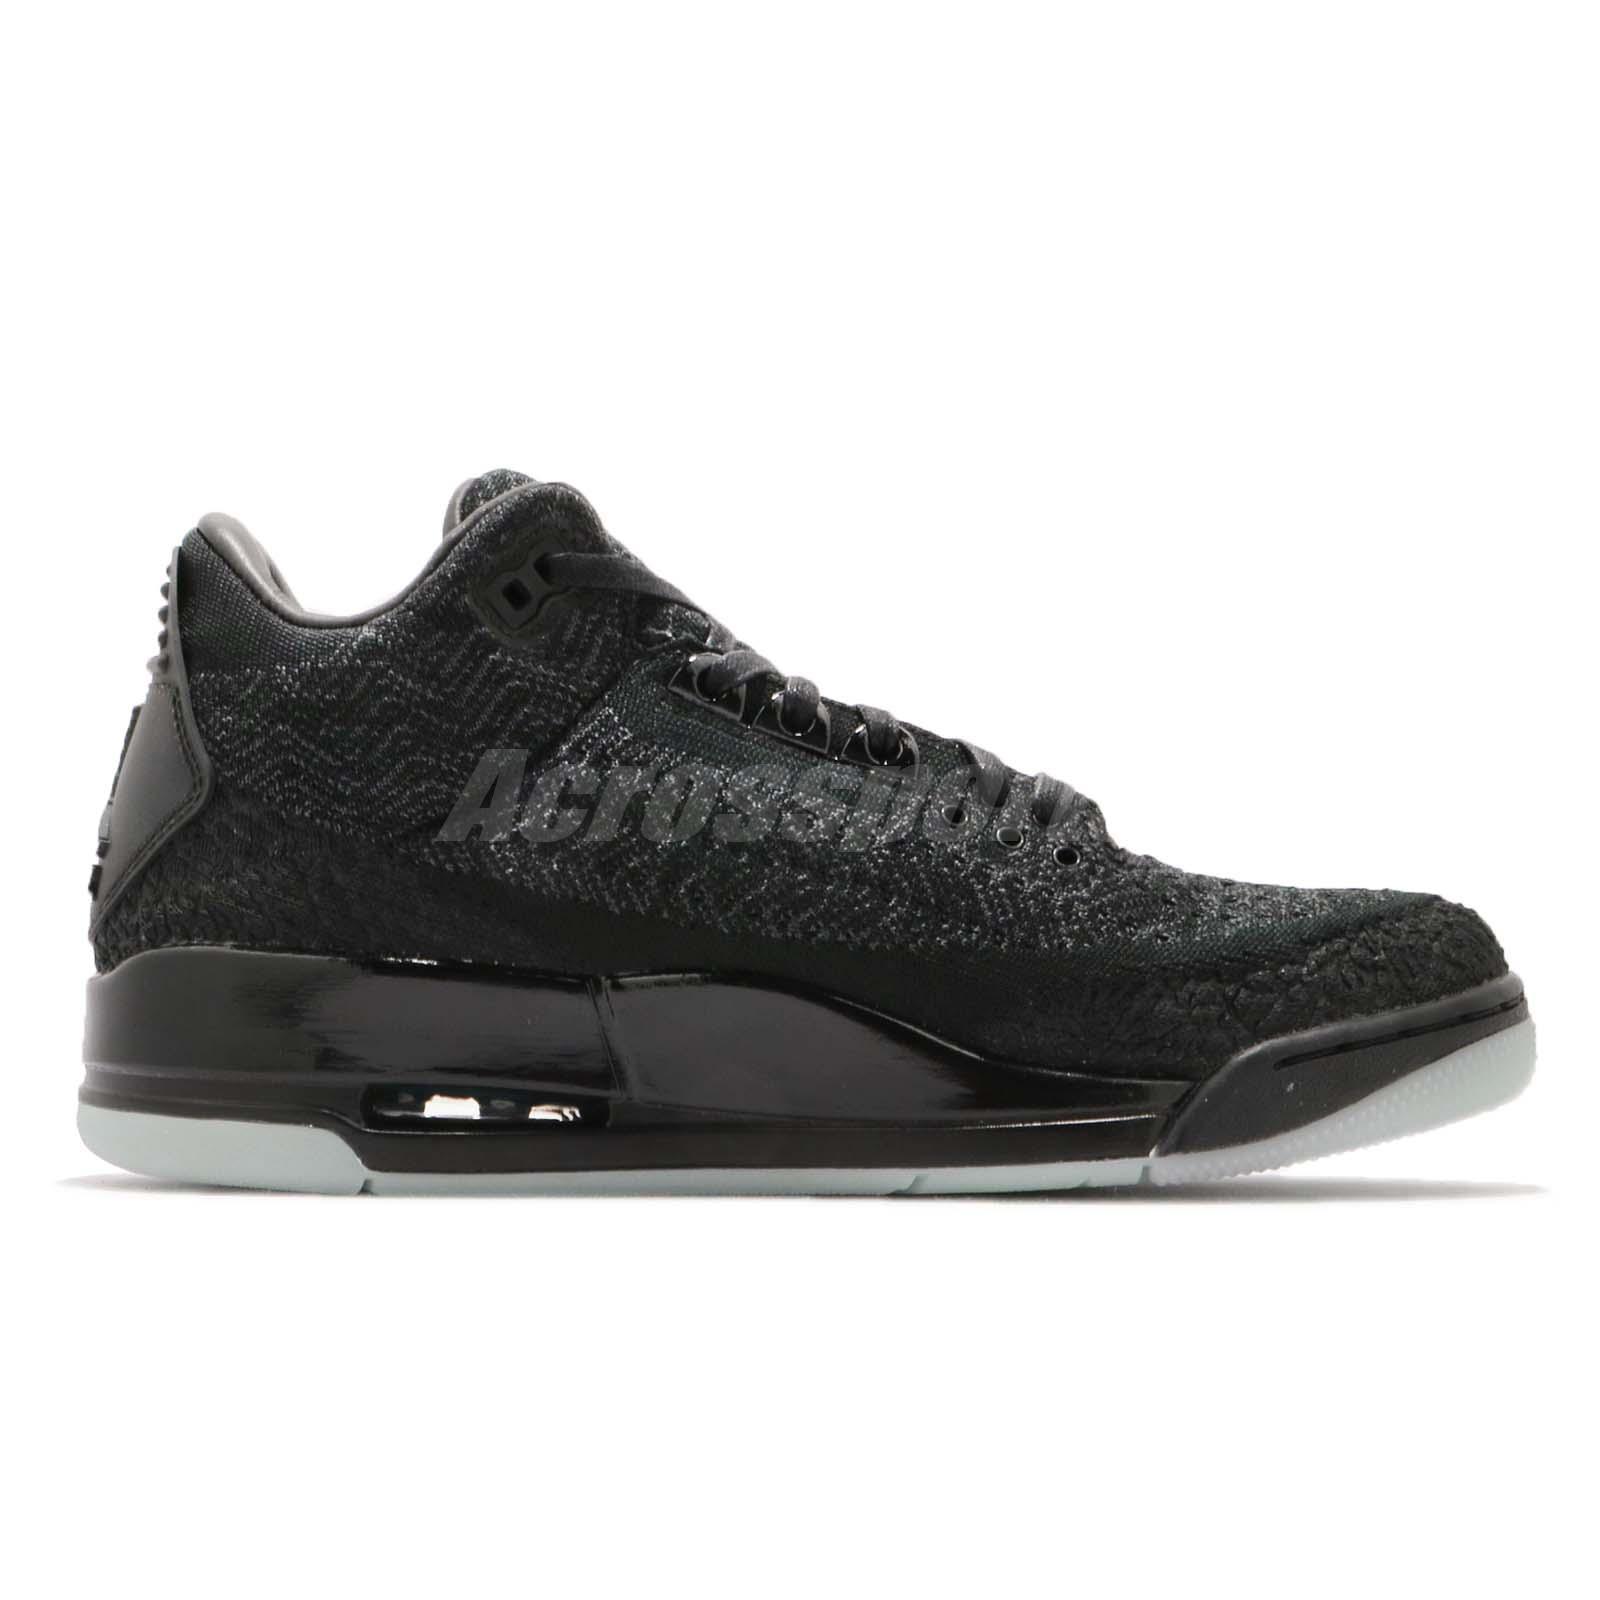 1bae5ca3700d Nike Air Jordan 3 Retro Flyknit Black Anthracite Glow In the Dark ...